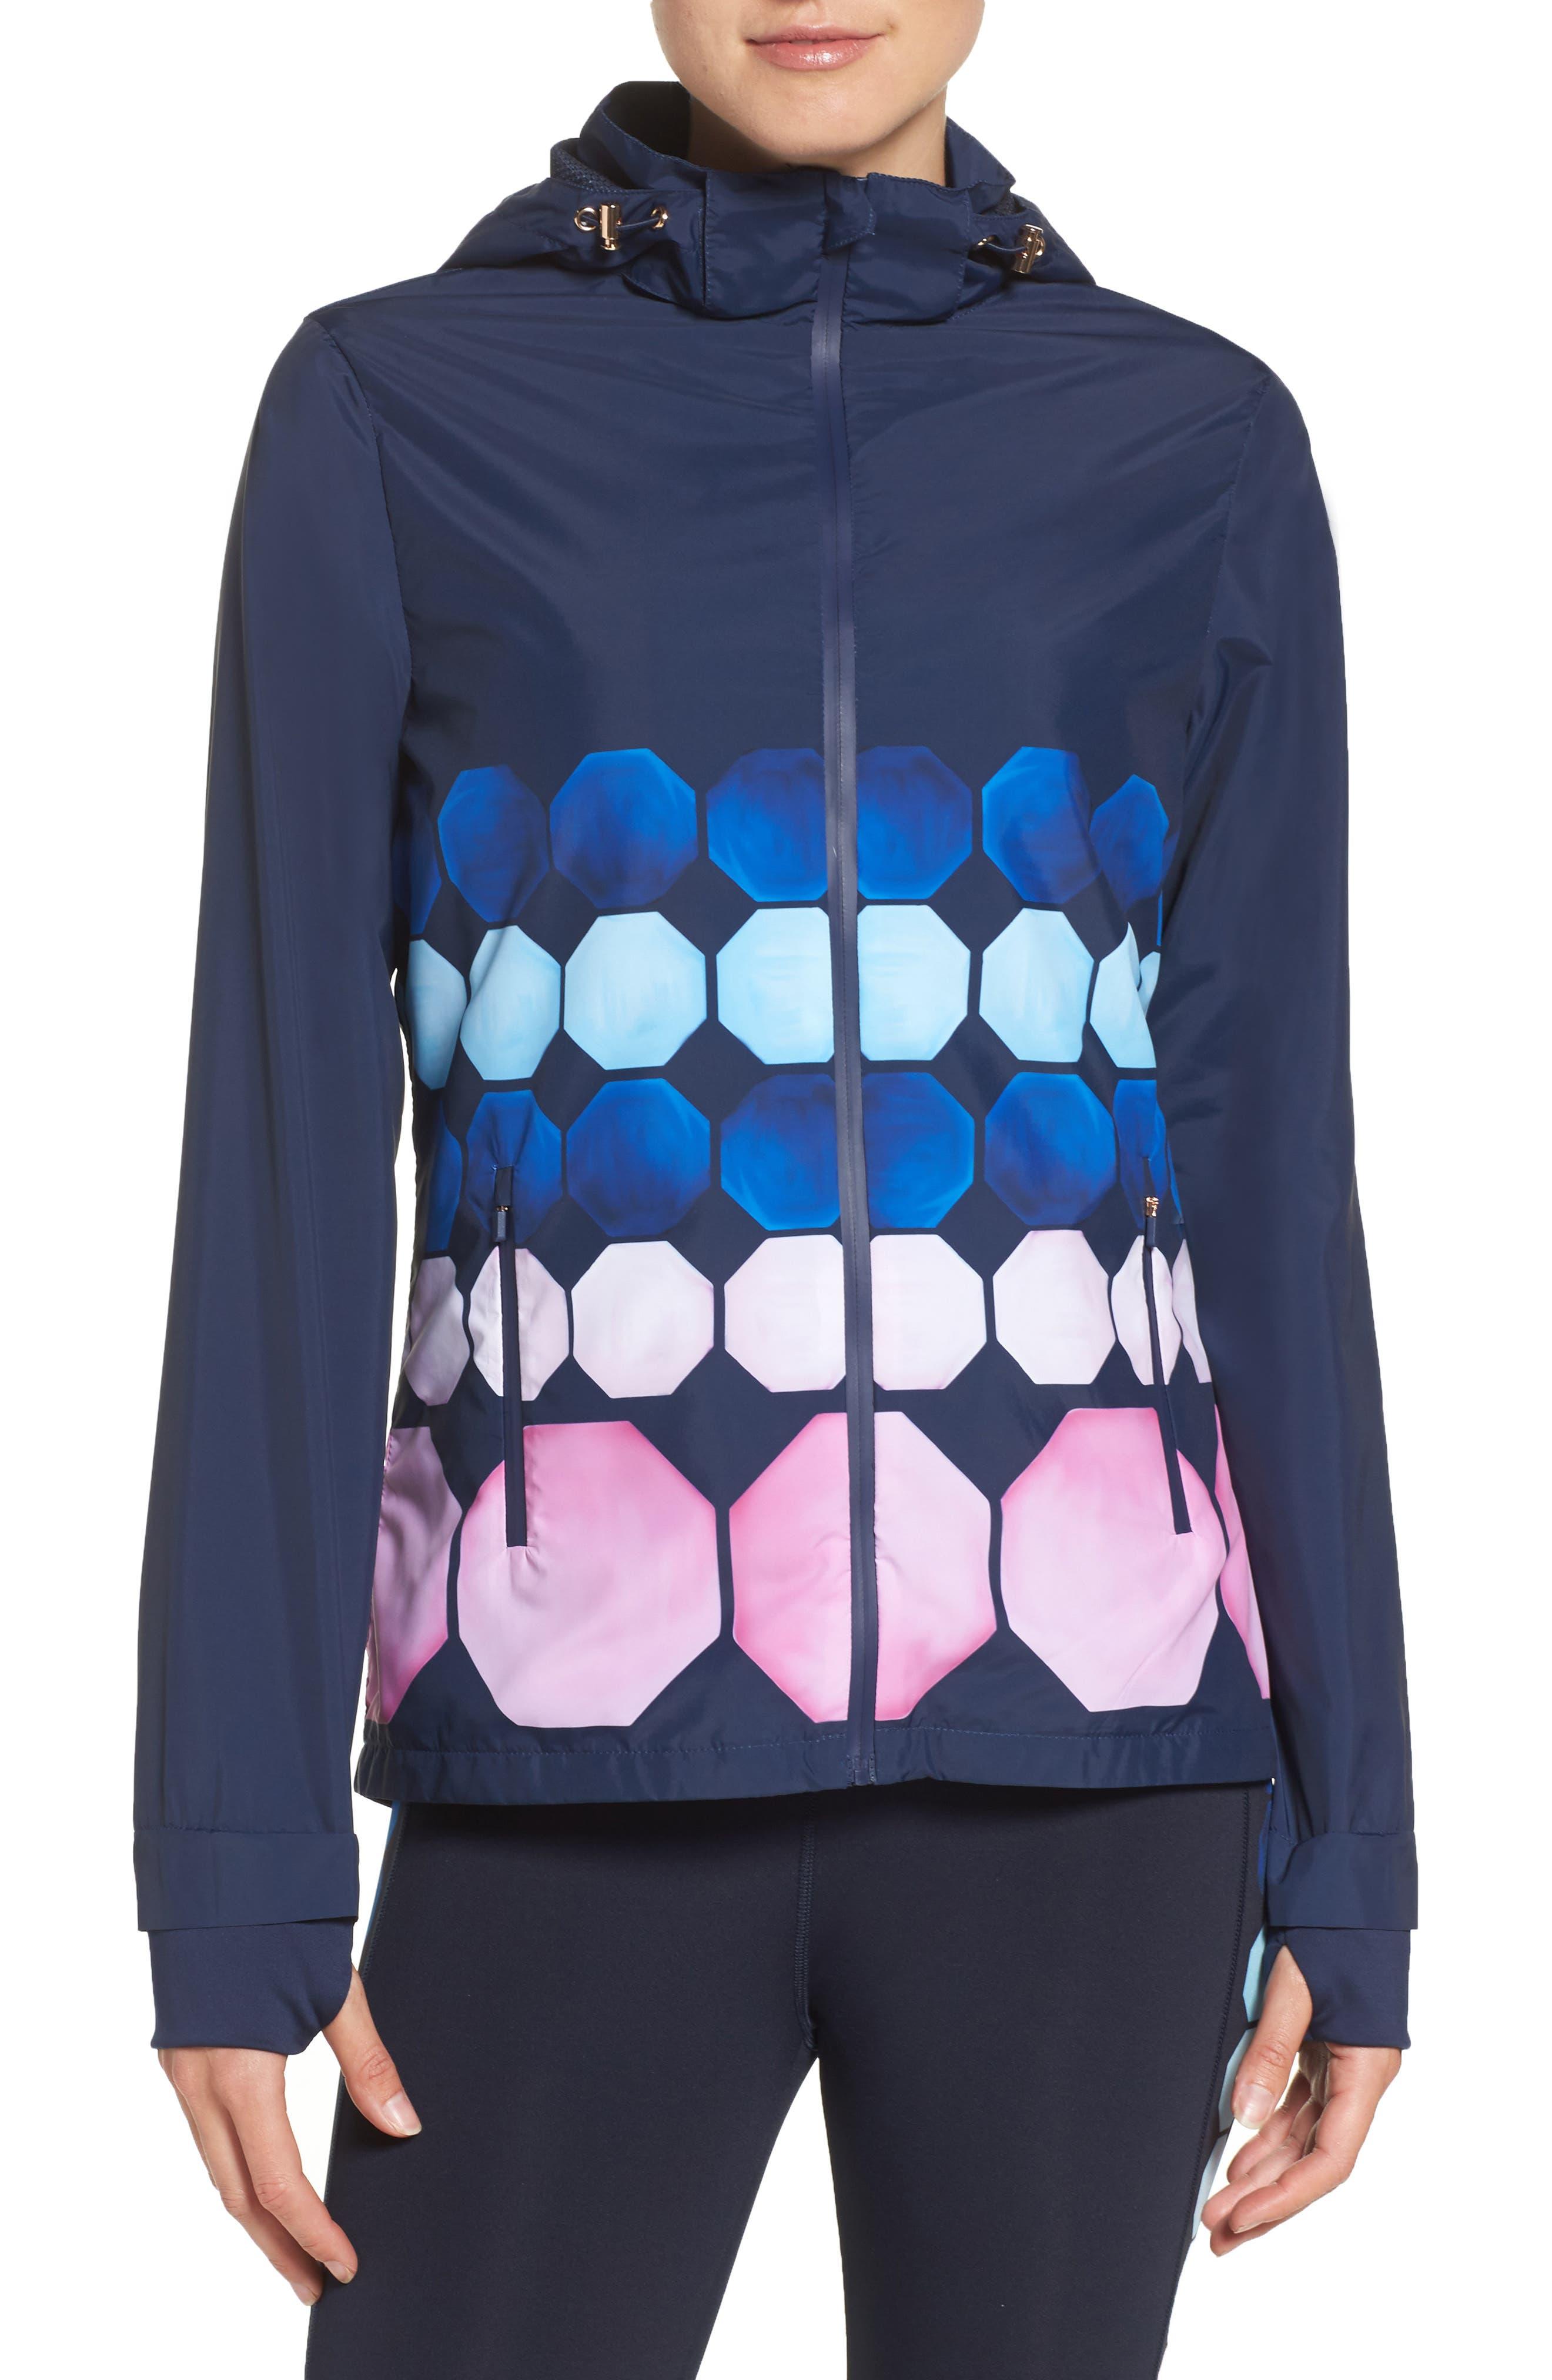 Marina Mosaic Hooded Jacket,                         Main,                         color, 410